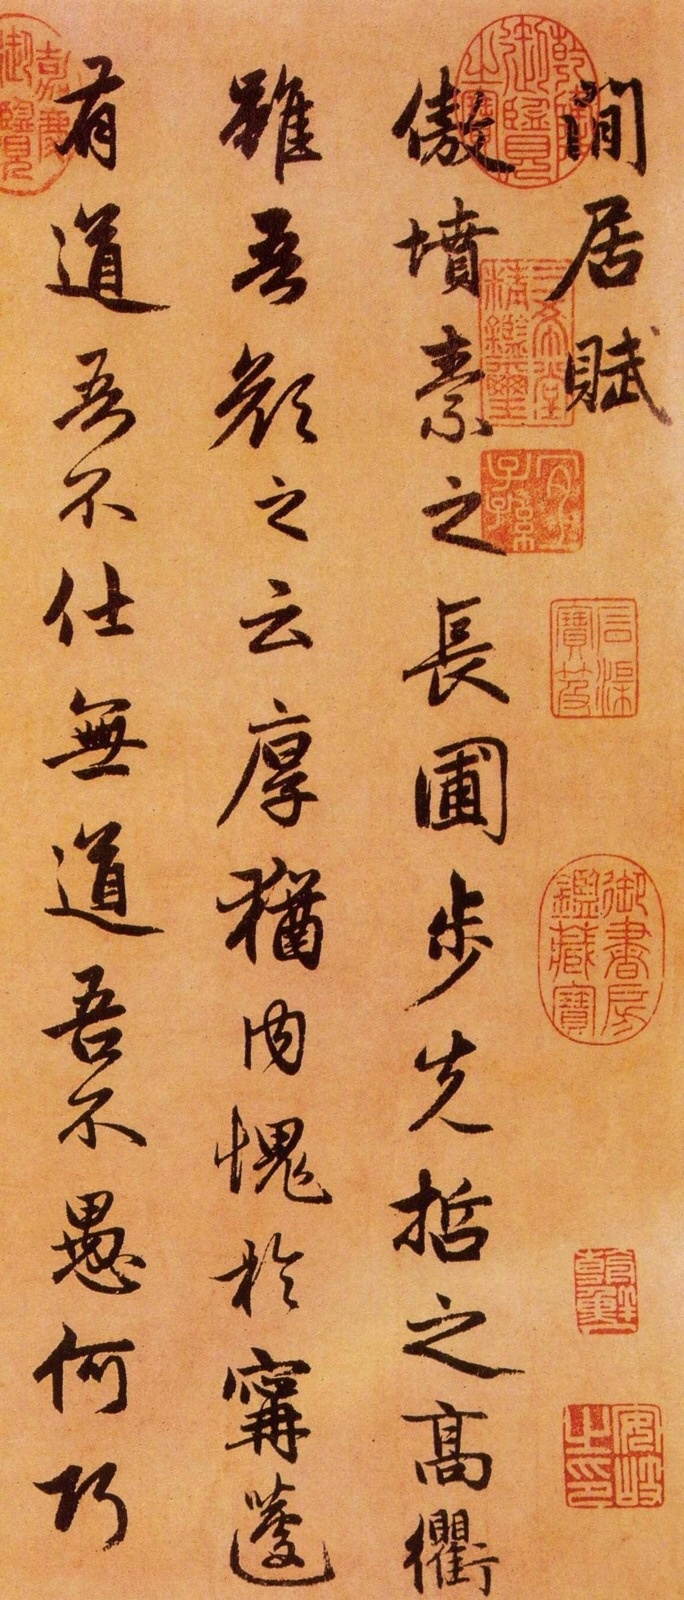 赵孟頫 书法《闲居赋》,此作气韵清新,通篇行楷结合,方圆兼备